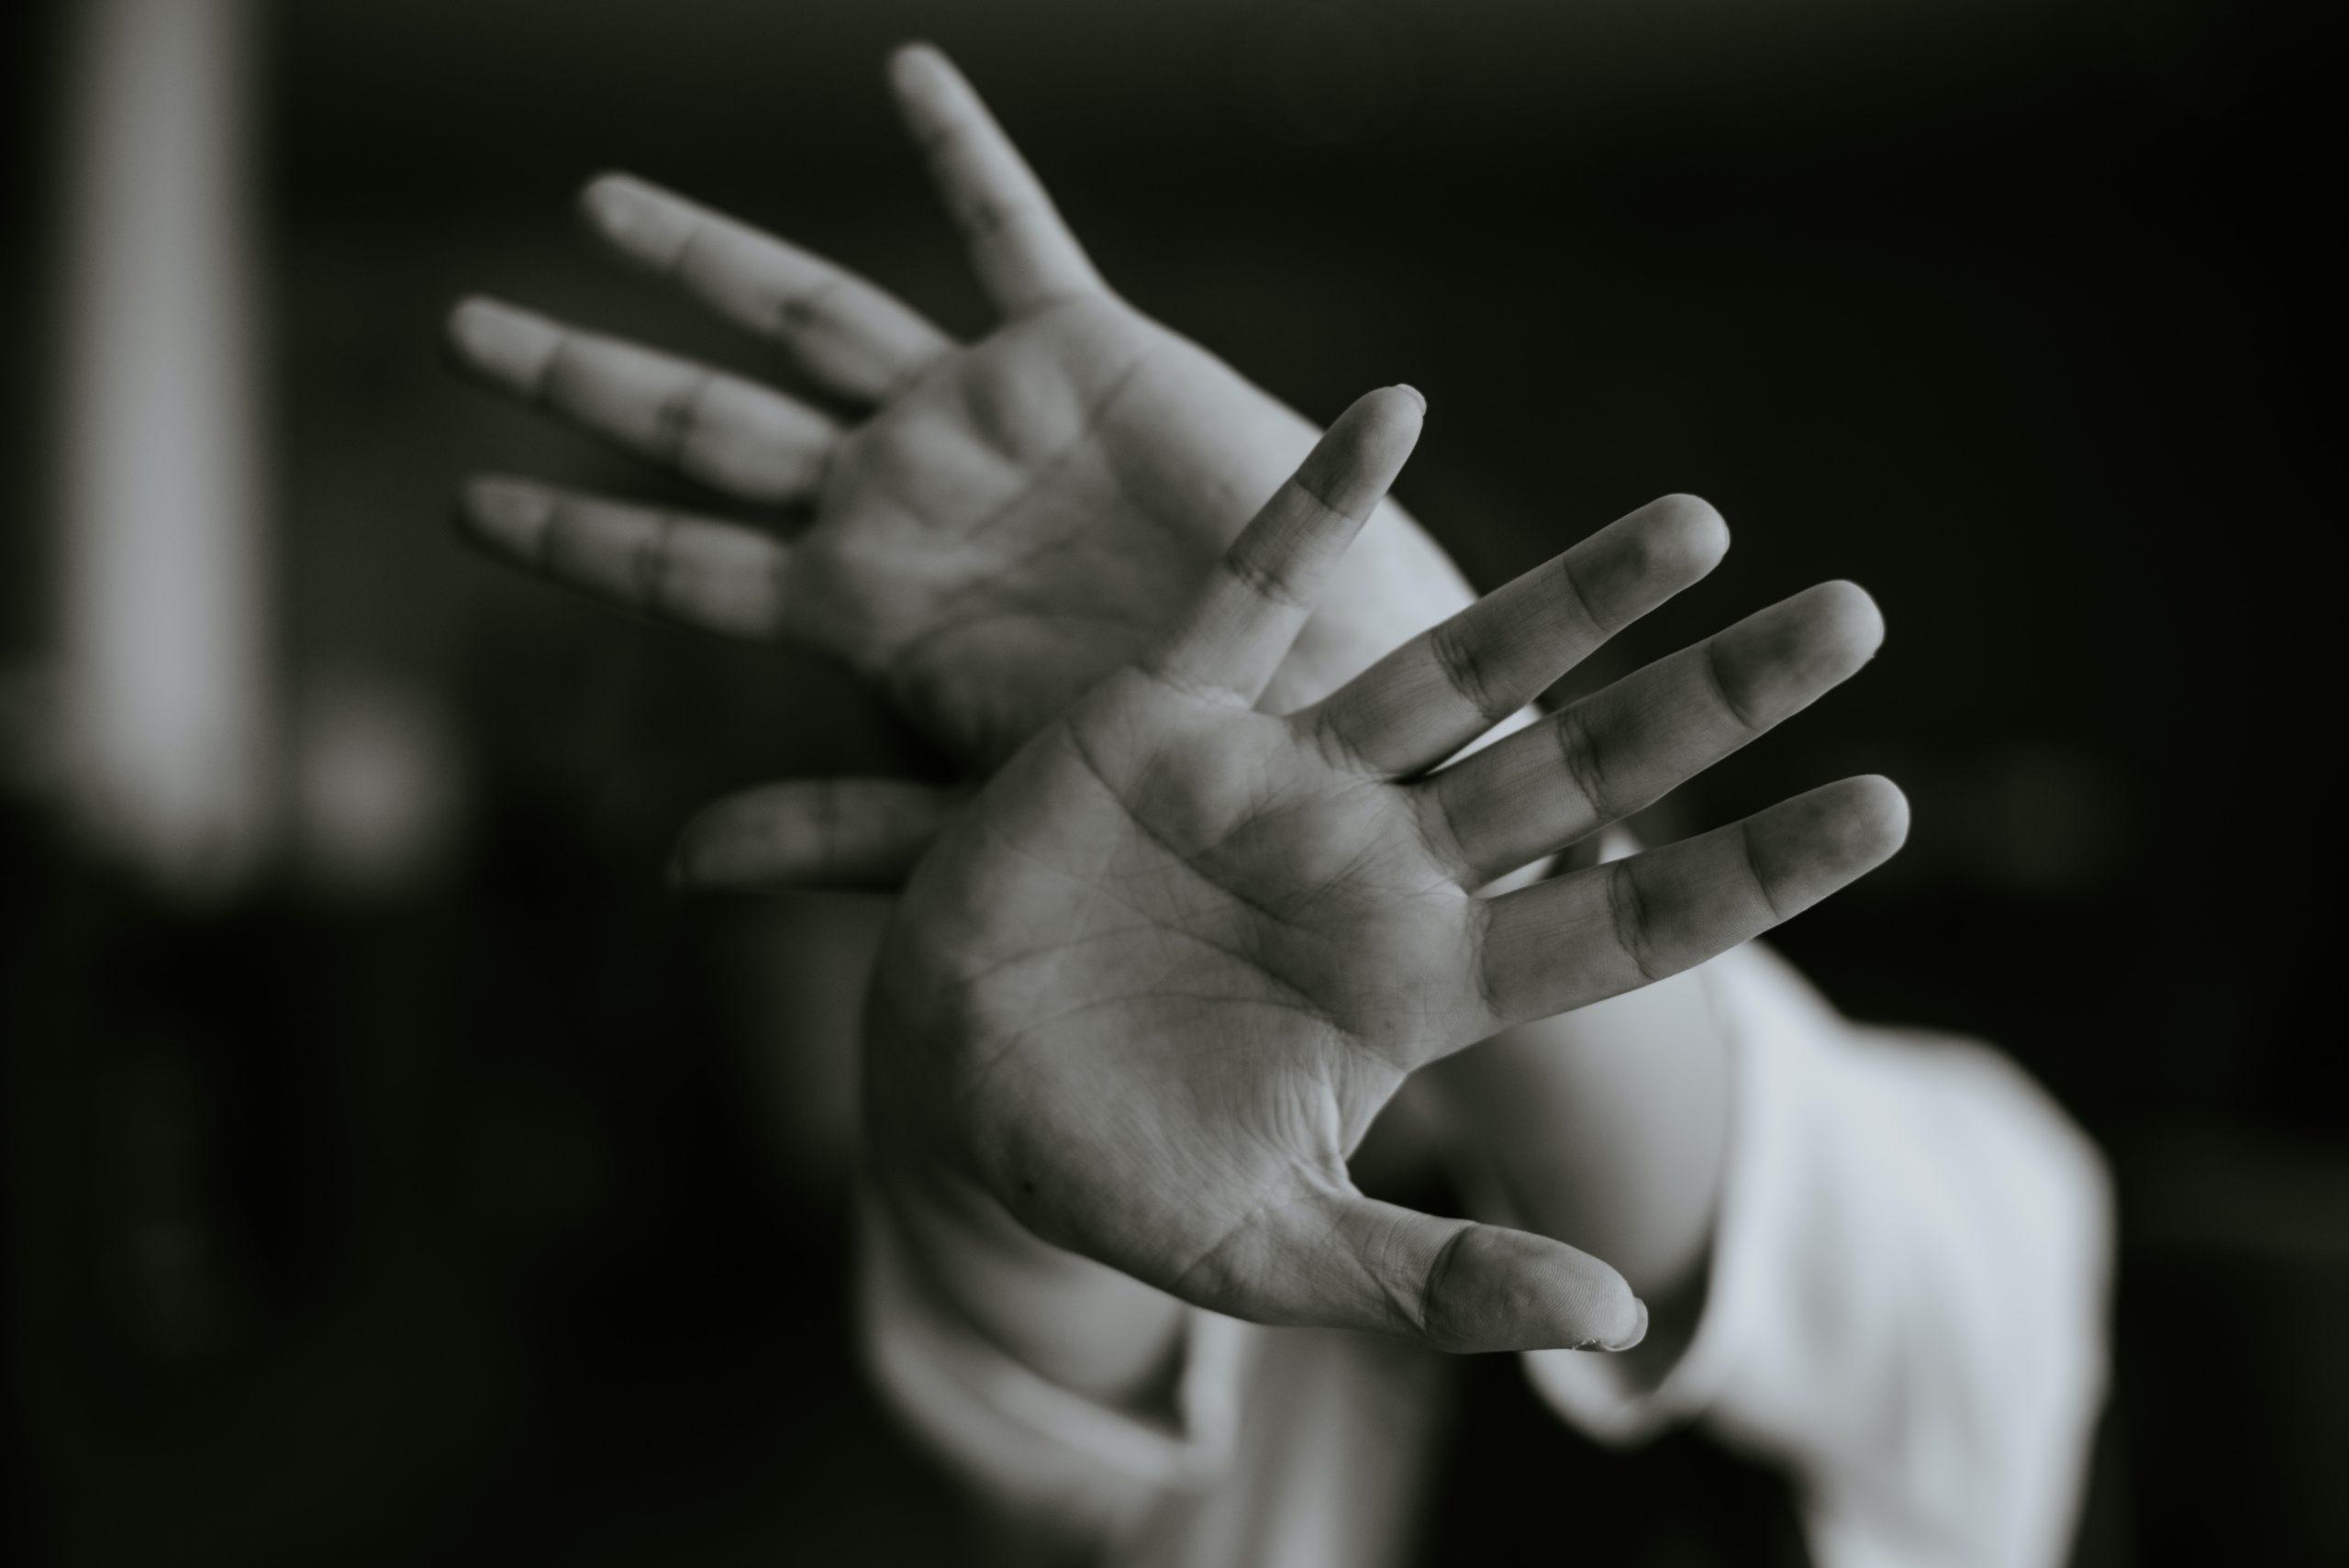 image d'une personne en détresse pour rappeler les violences à la maison